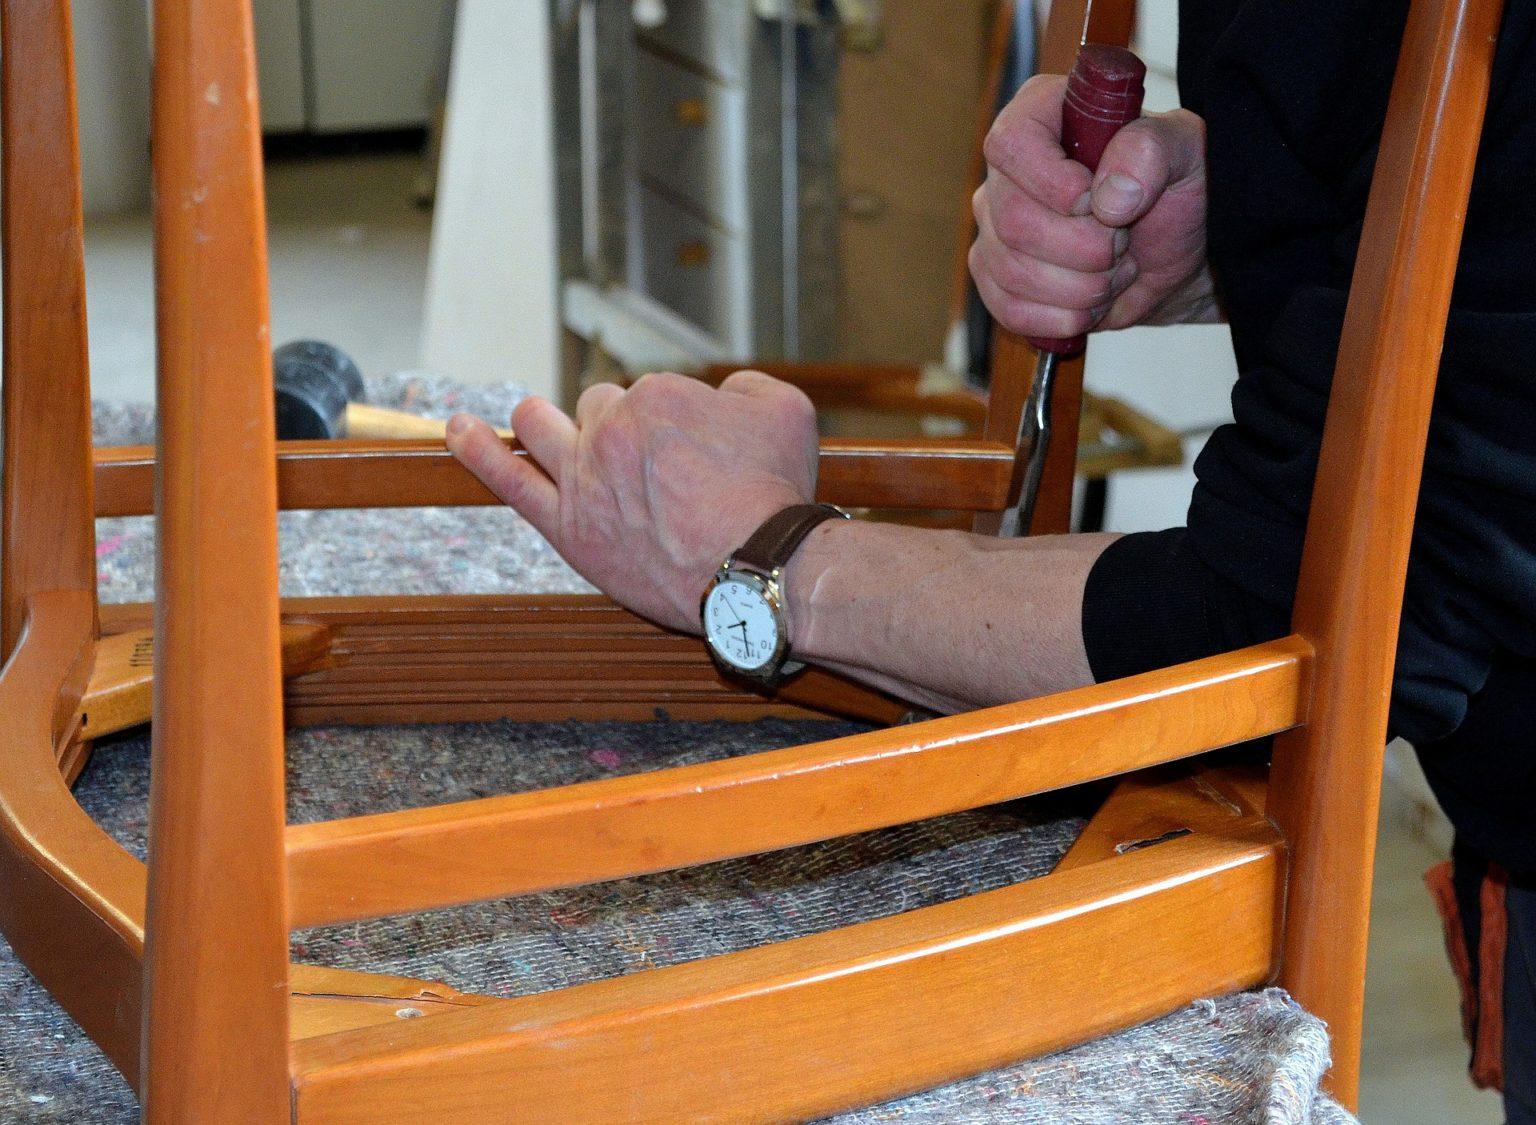 Kleber von Holz entfernen